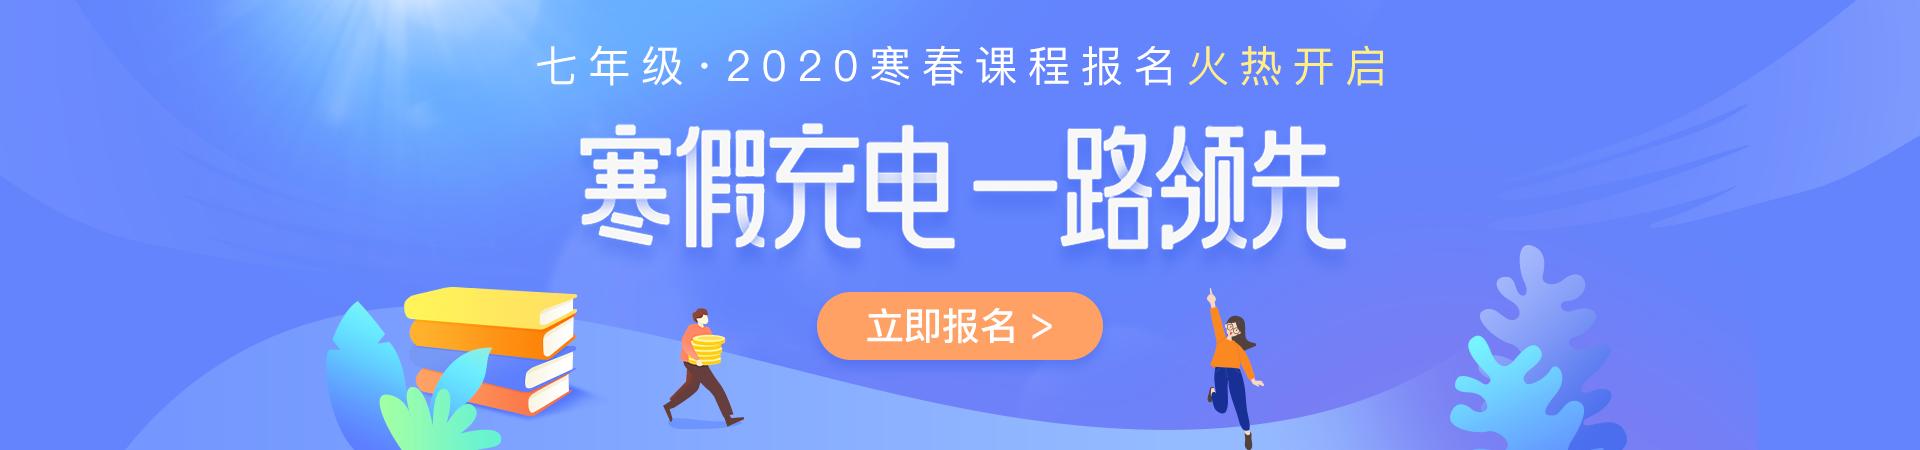 2020寒春报名专题(七年级)